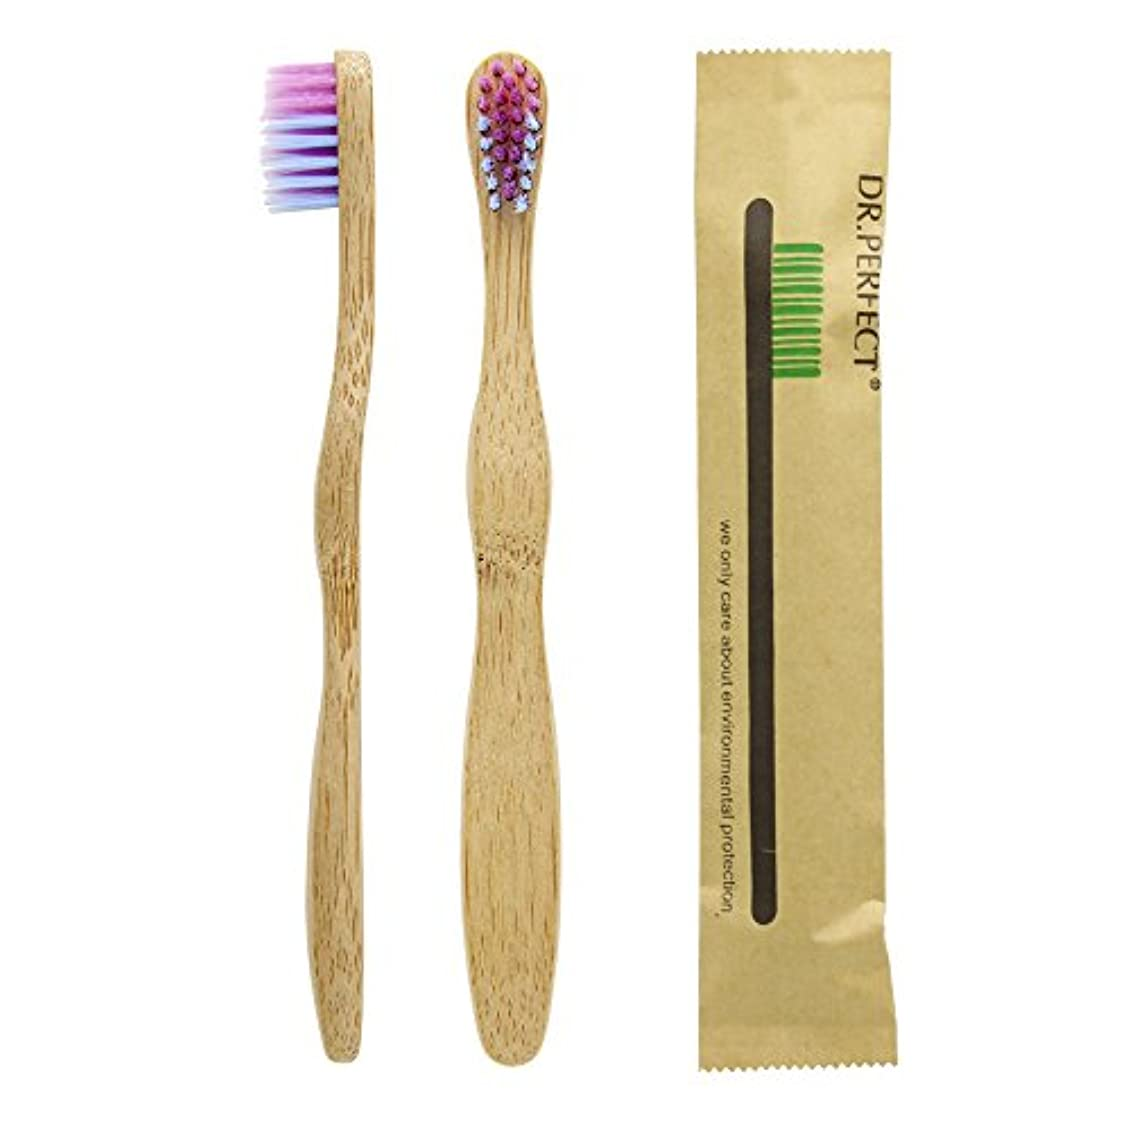 診断する感動するボタンDr.Perfect Bamboo チャイルド 竹の歯ブラシ ナイロン毛 生分解性の (パープル)